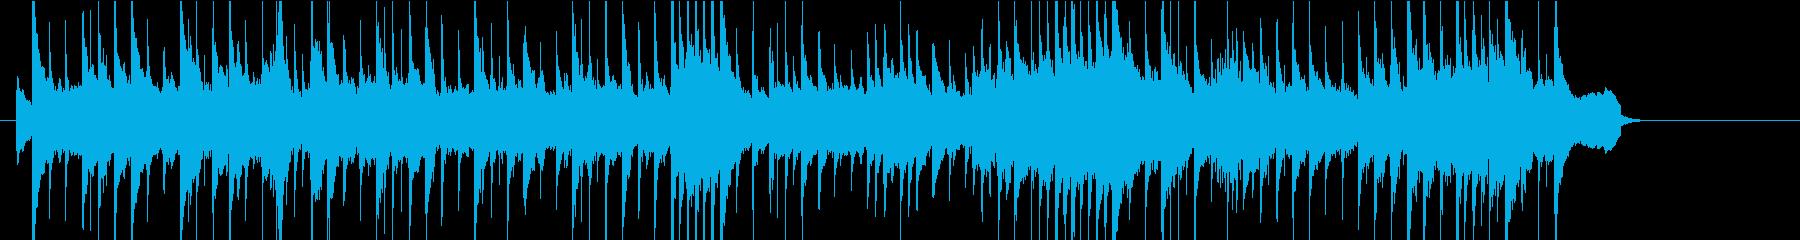 しょぱん のくたーんの再生済みの波形